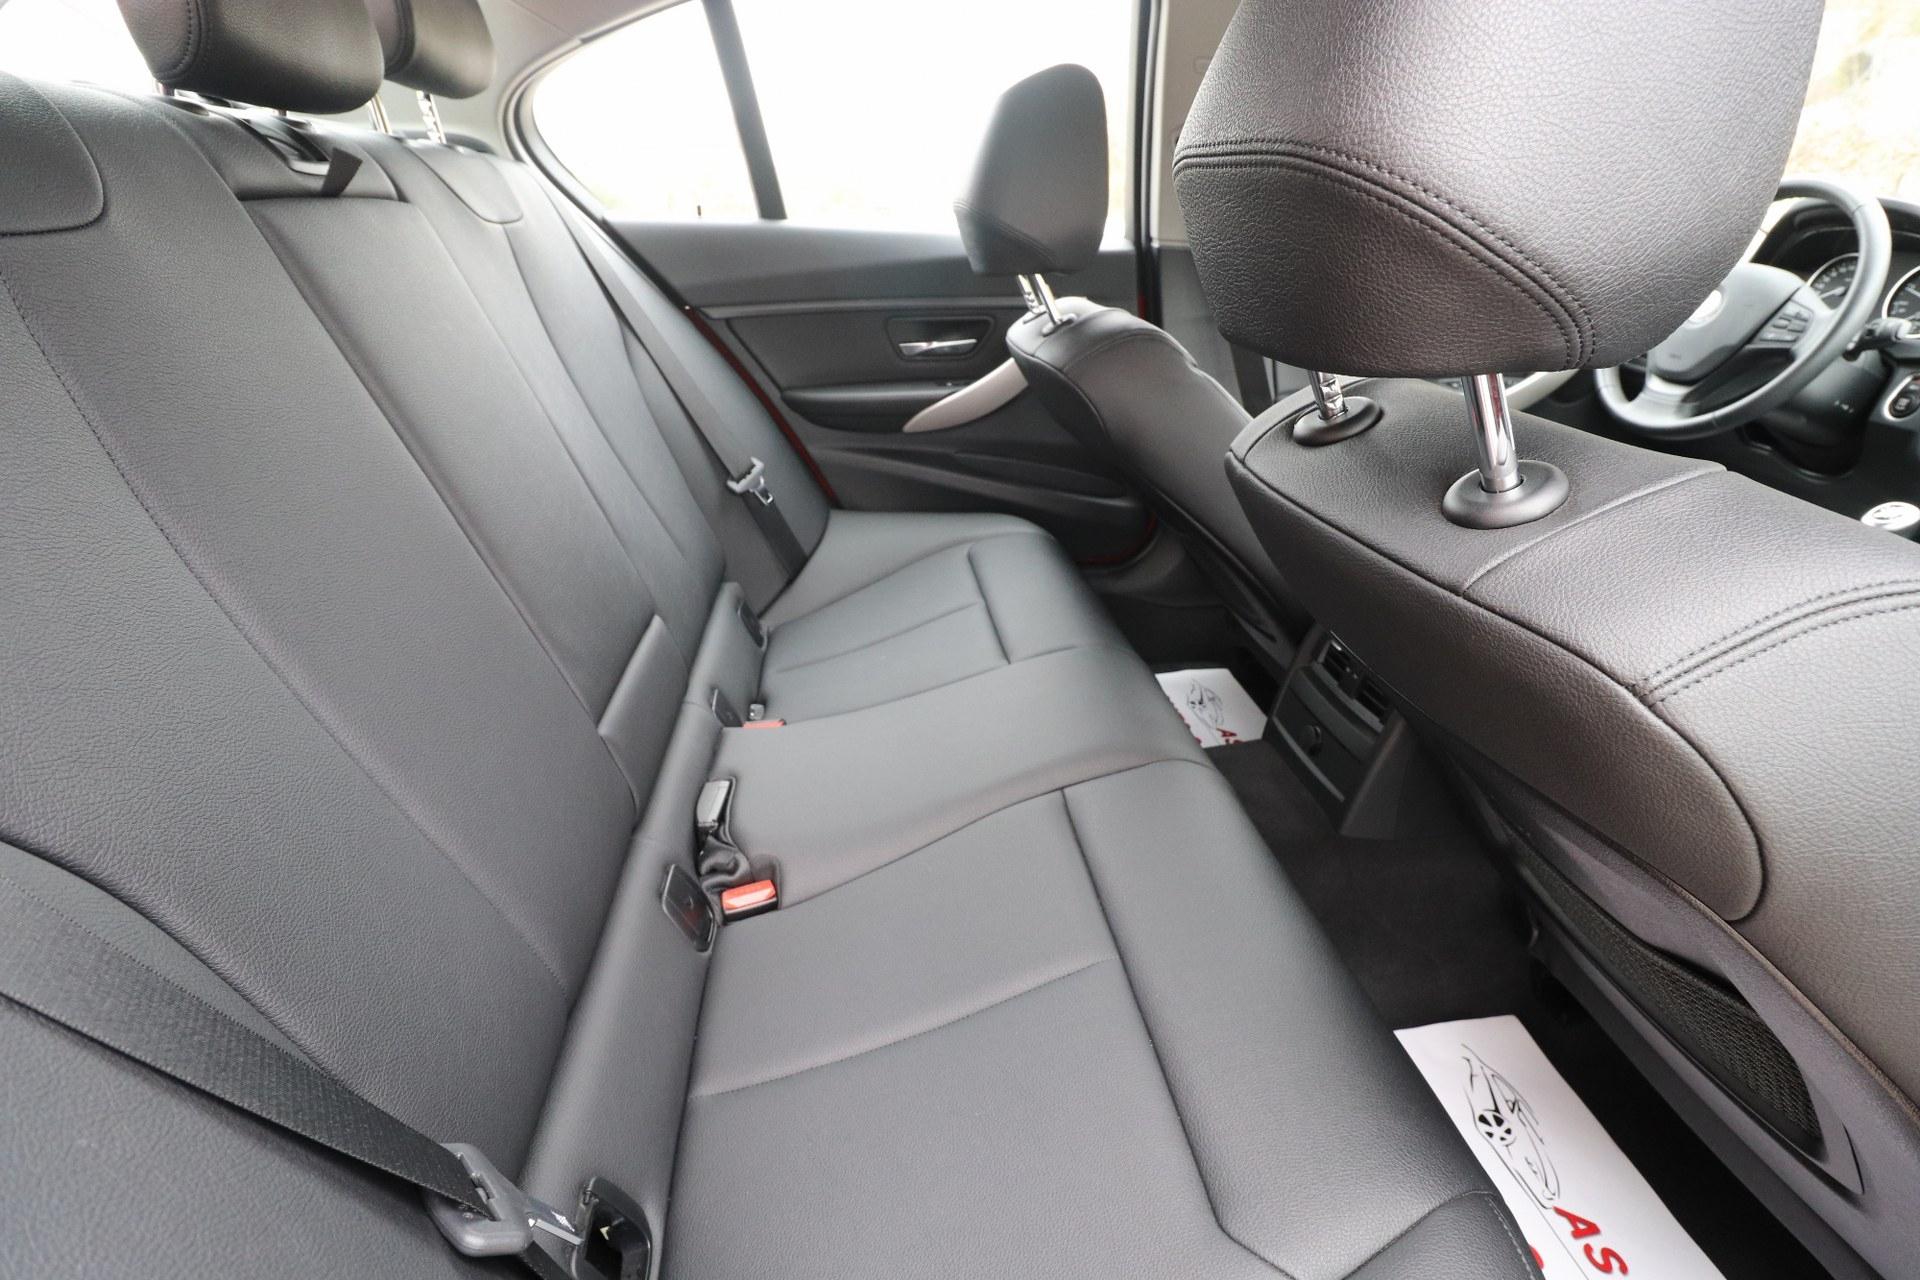 BMW 318 D F30 INDIVIDUAL Sportpaket Plus Edition Exclusive Navigacija Parktronic Max-VOLL Bi-Xenon+LED 100 kW-136 KS New Modell 2015